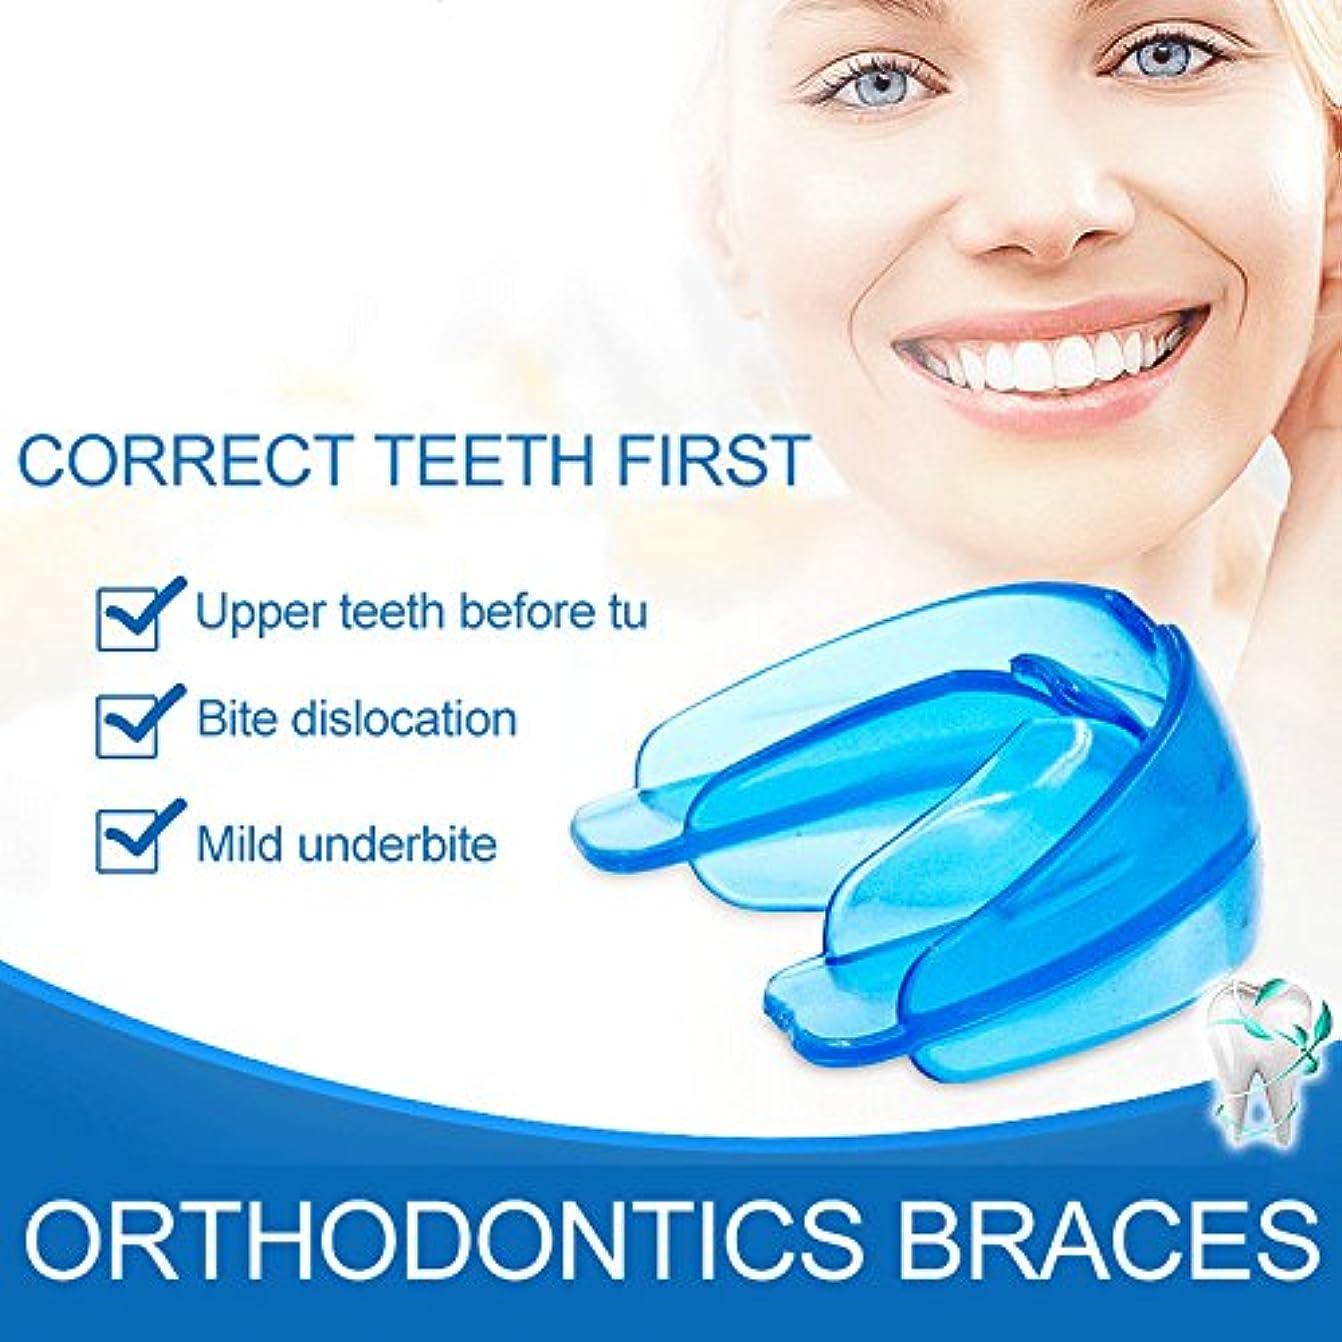 八テニス電球歯科矯正 歯科 矯正用固位器 直歯システム 使いやすい ブルー